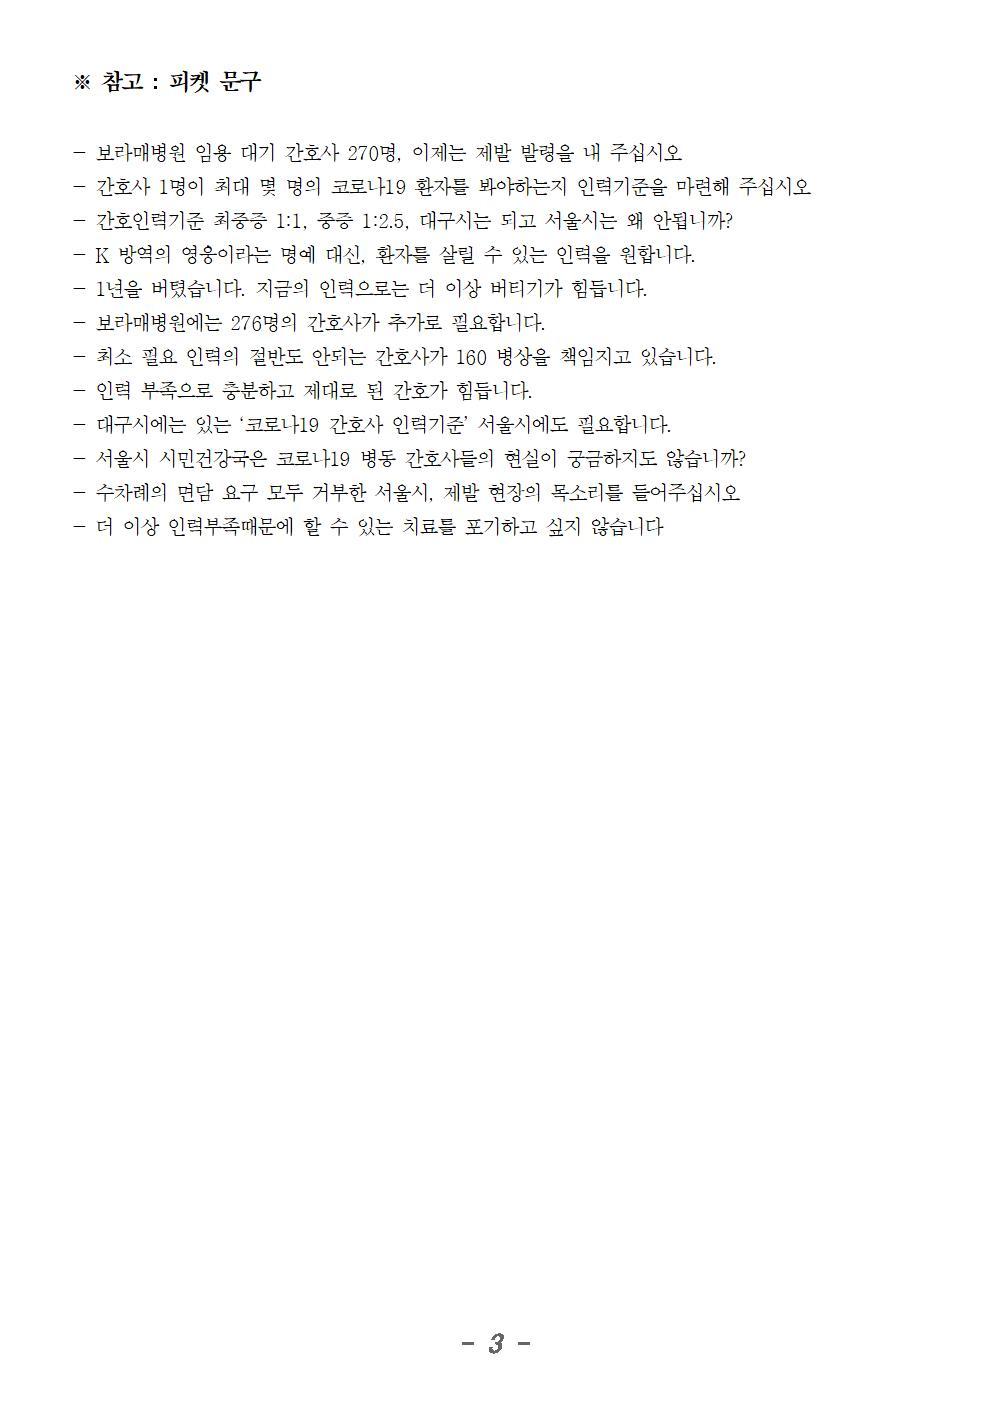 210121_보도자료_서울시앞피켓팅진행003.jpg